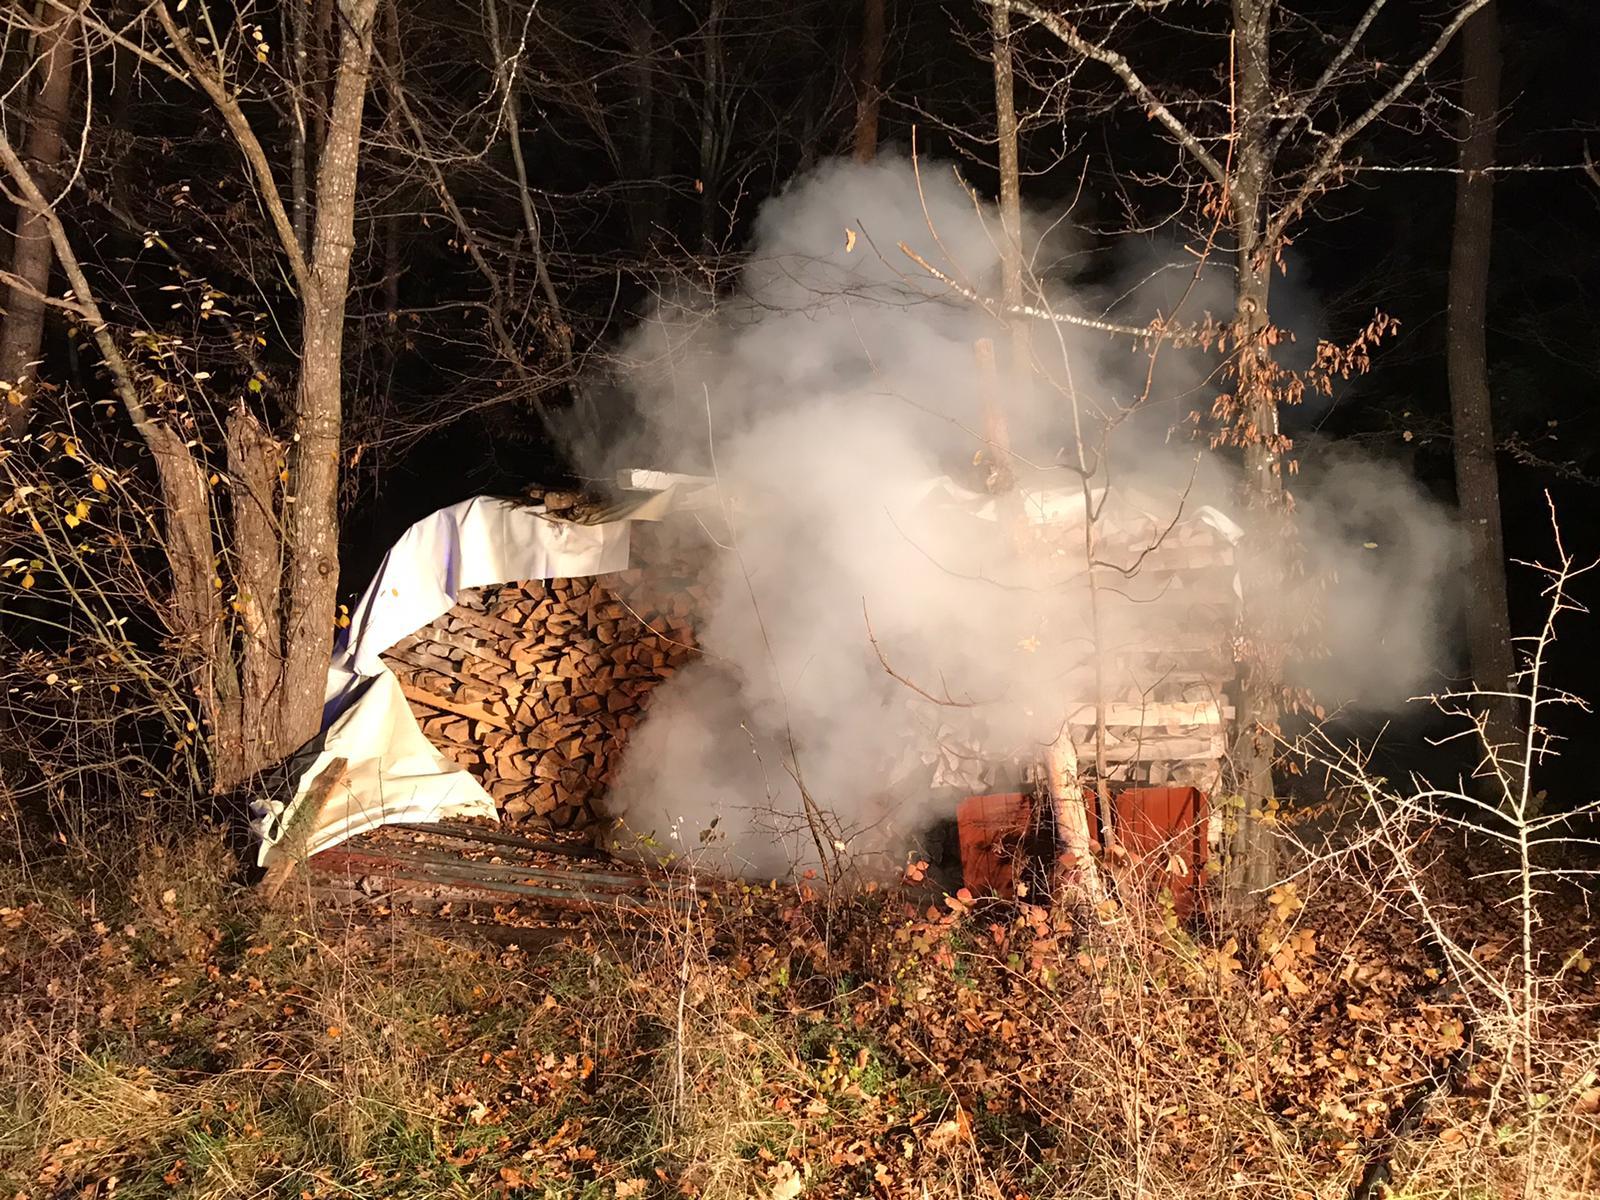 Feuerwehr Eschbronn Einsatz klein Brand